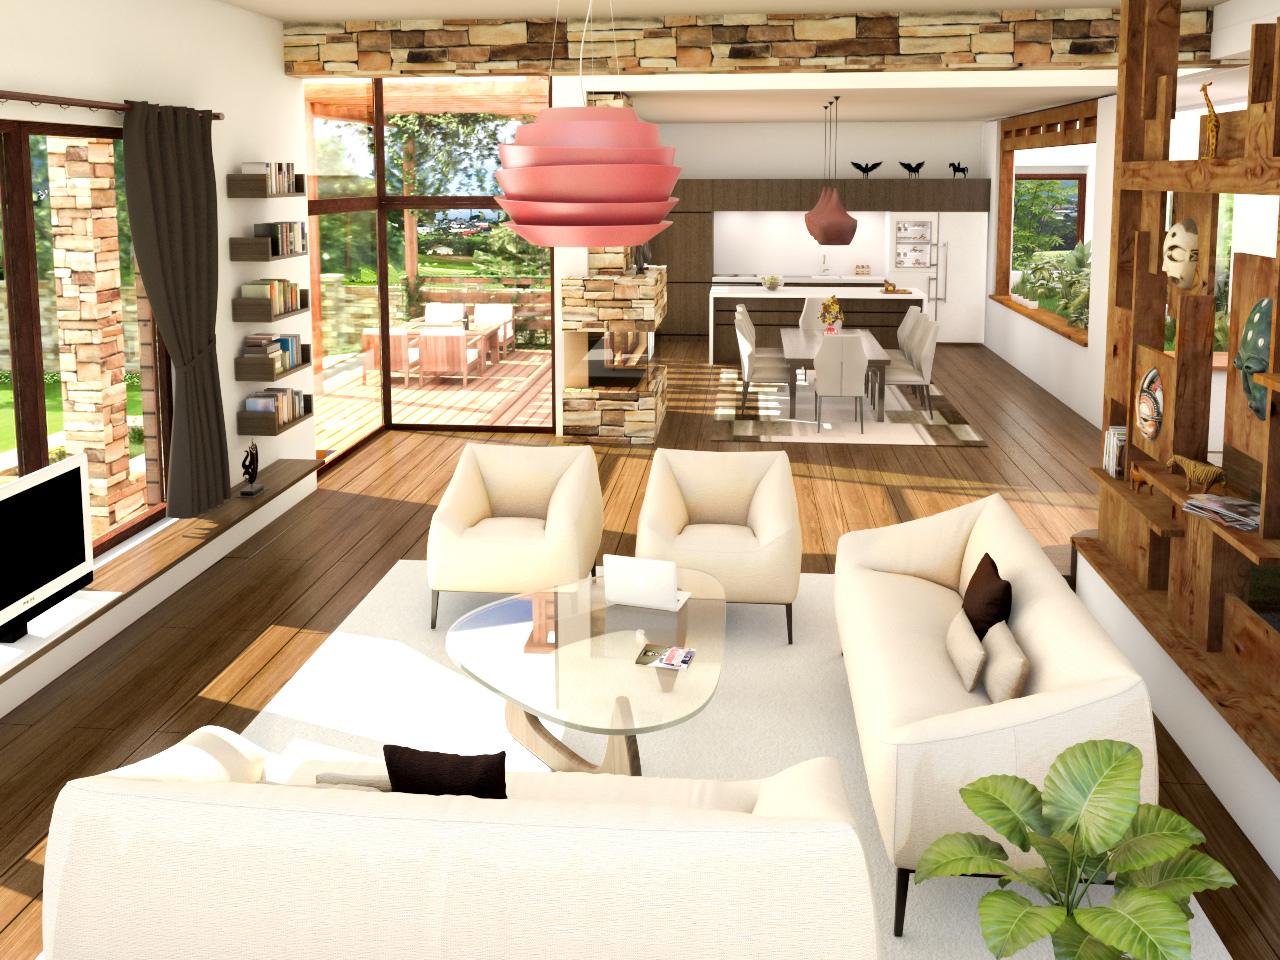 еднофамилна къща ТЕРРА - просторен светъл интериор